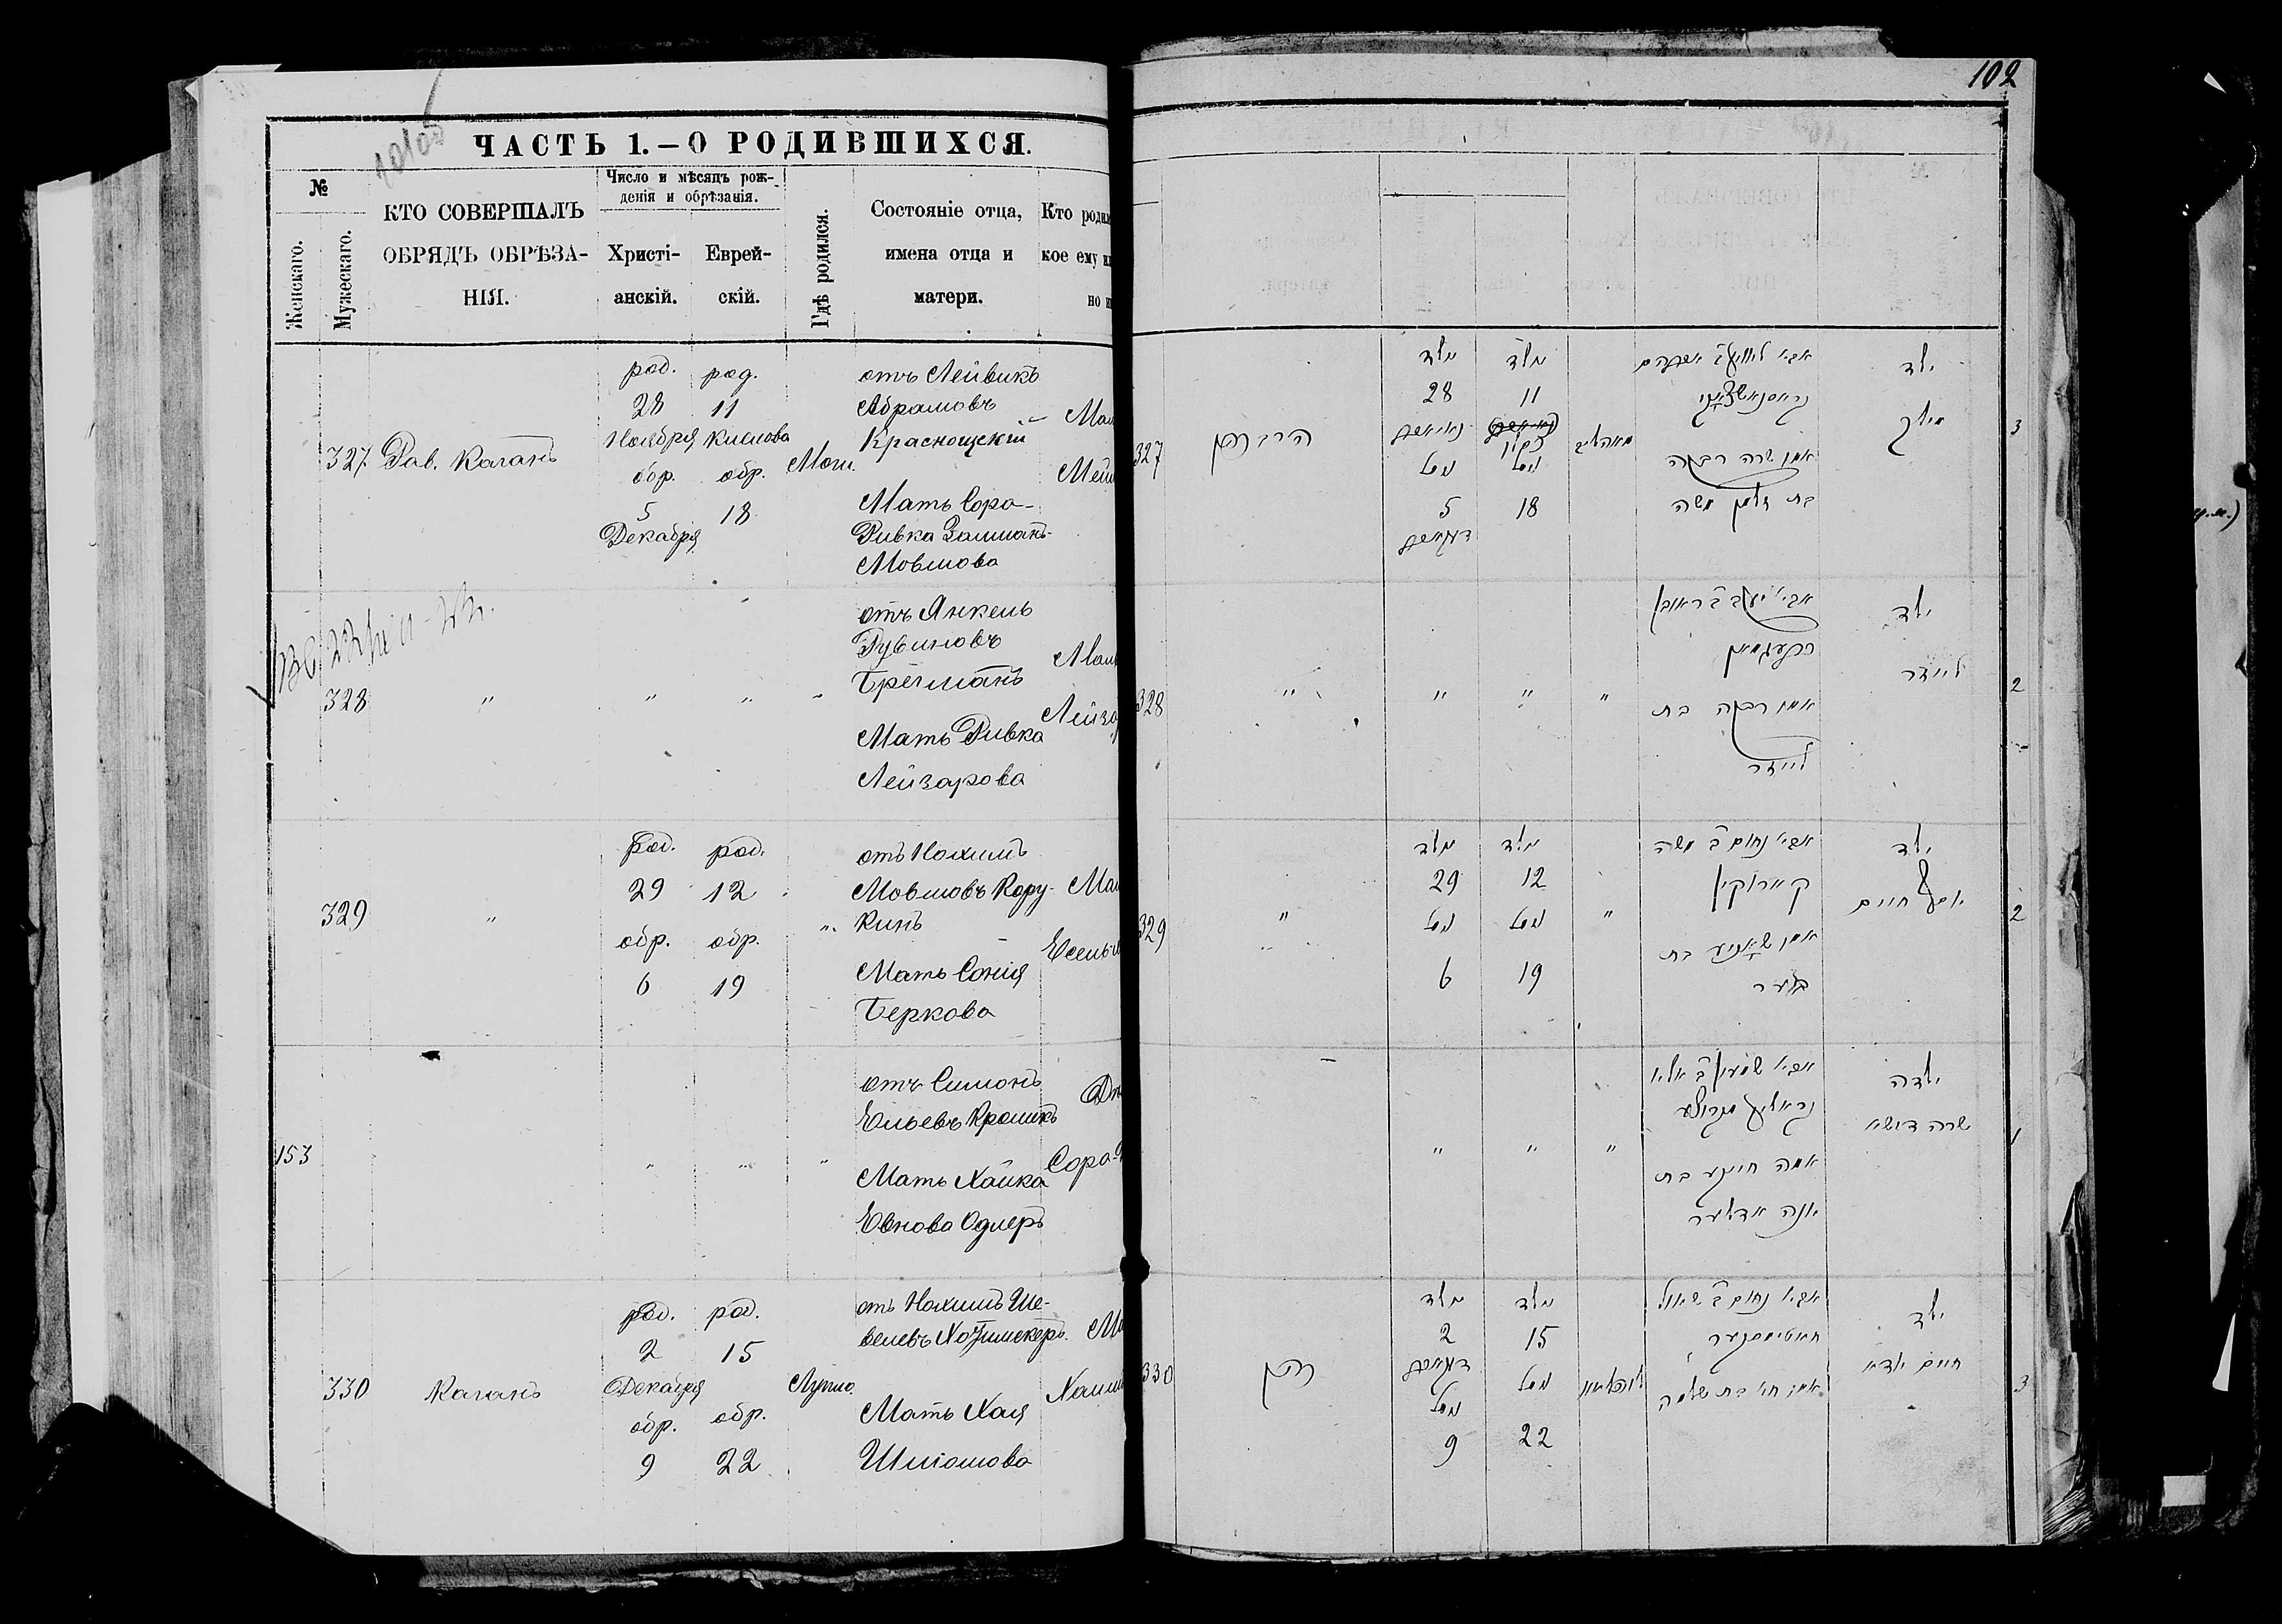 Хаим-Юда Нохимович Хотимскер 2 декабря 1883, запись 330, пленка 007766483, снимок 229